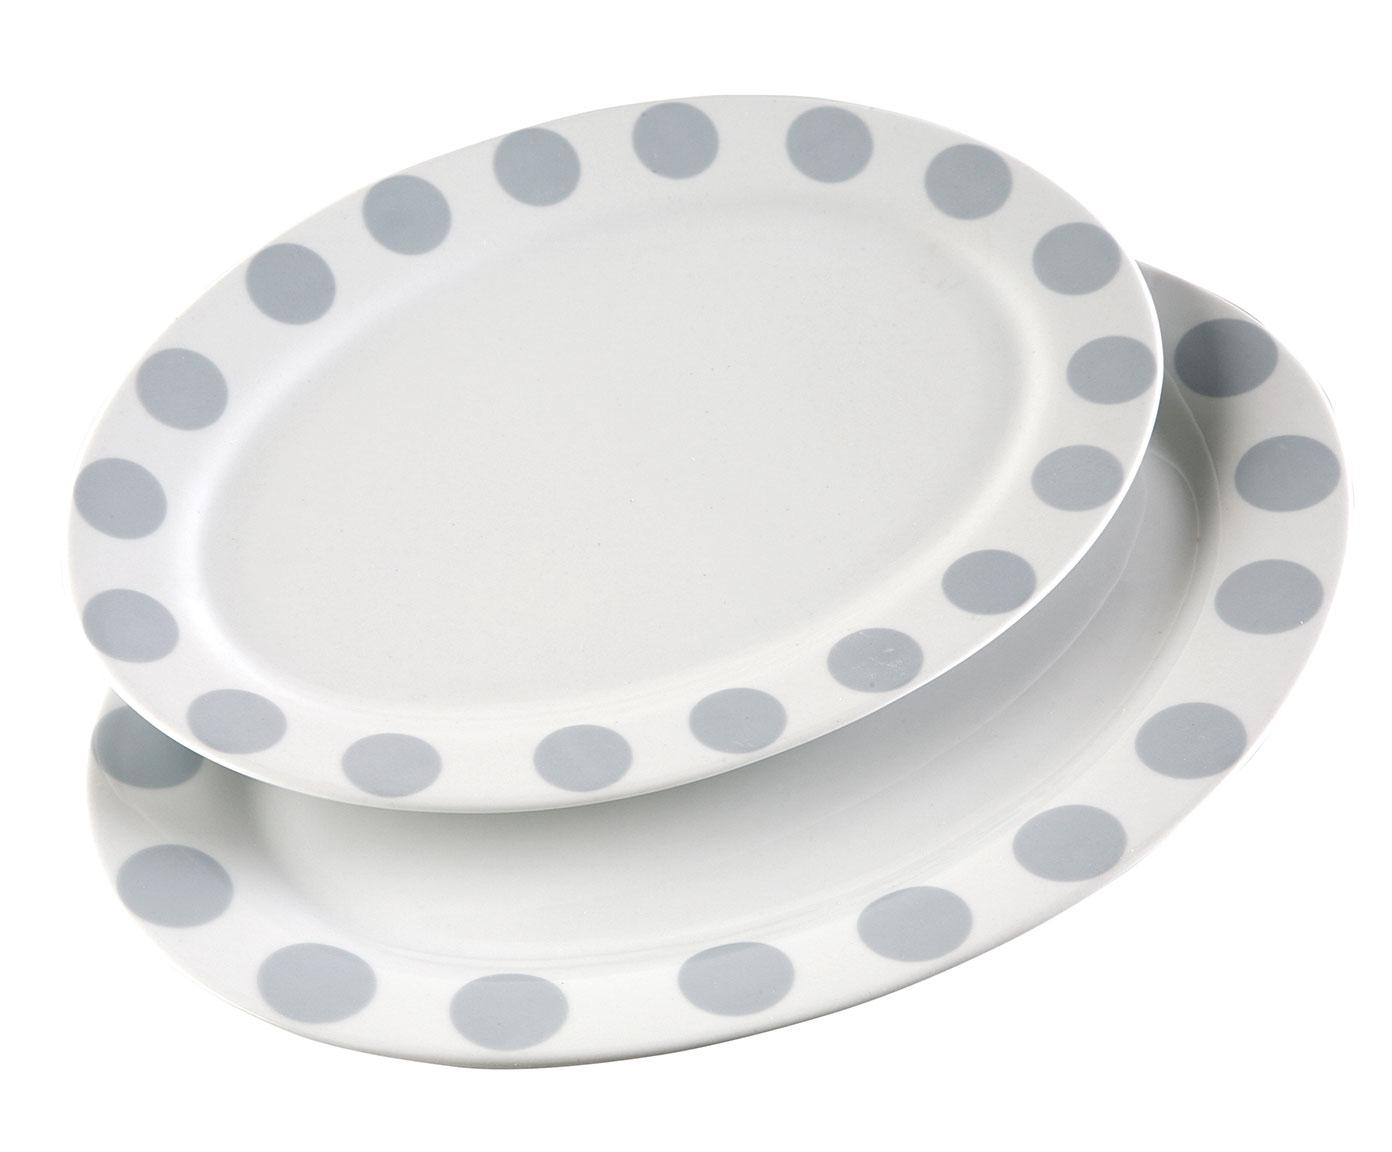 Набор блюд (2шт)Декоративные блюда<br>Размер: 1 блюдо диаметр 30 см, 2 блюда диаметр 22 см<br><br>Material: Фарфор<br>Length см: None<br>Width см: None<br>Height см: 2.5<br>Diameter см: 30